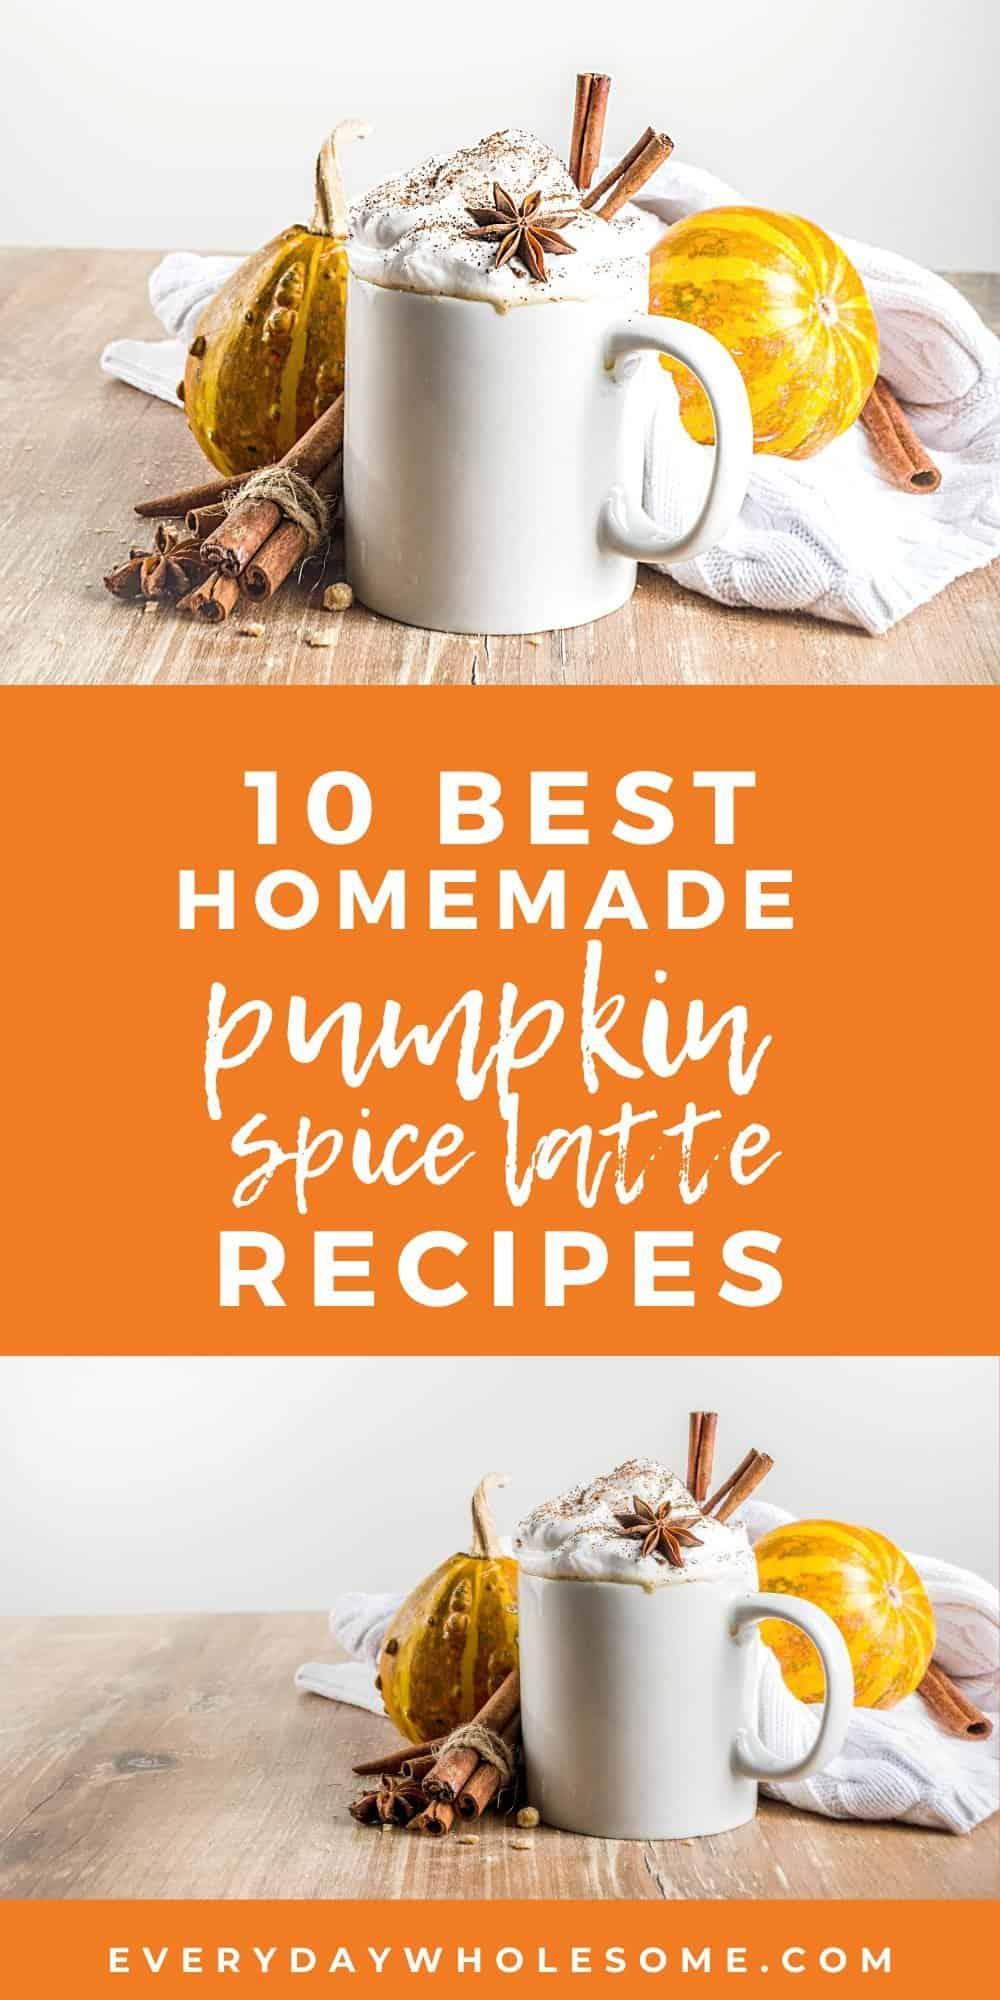 10 best homemade pumpkin spice latte recipes